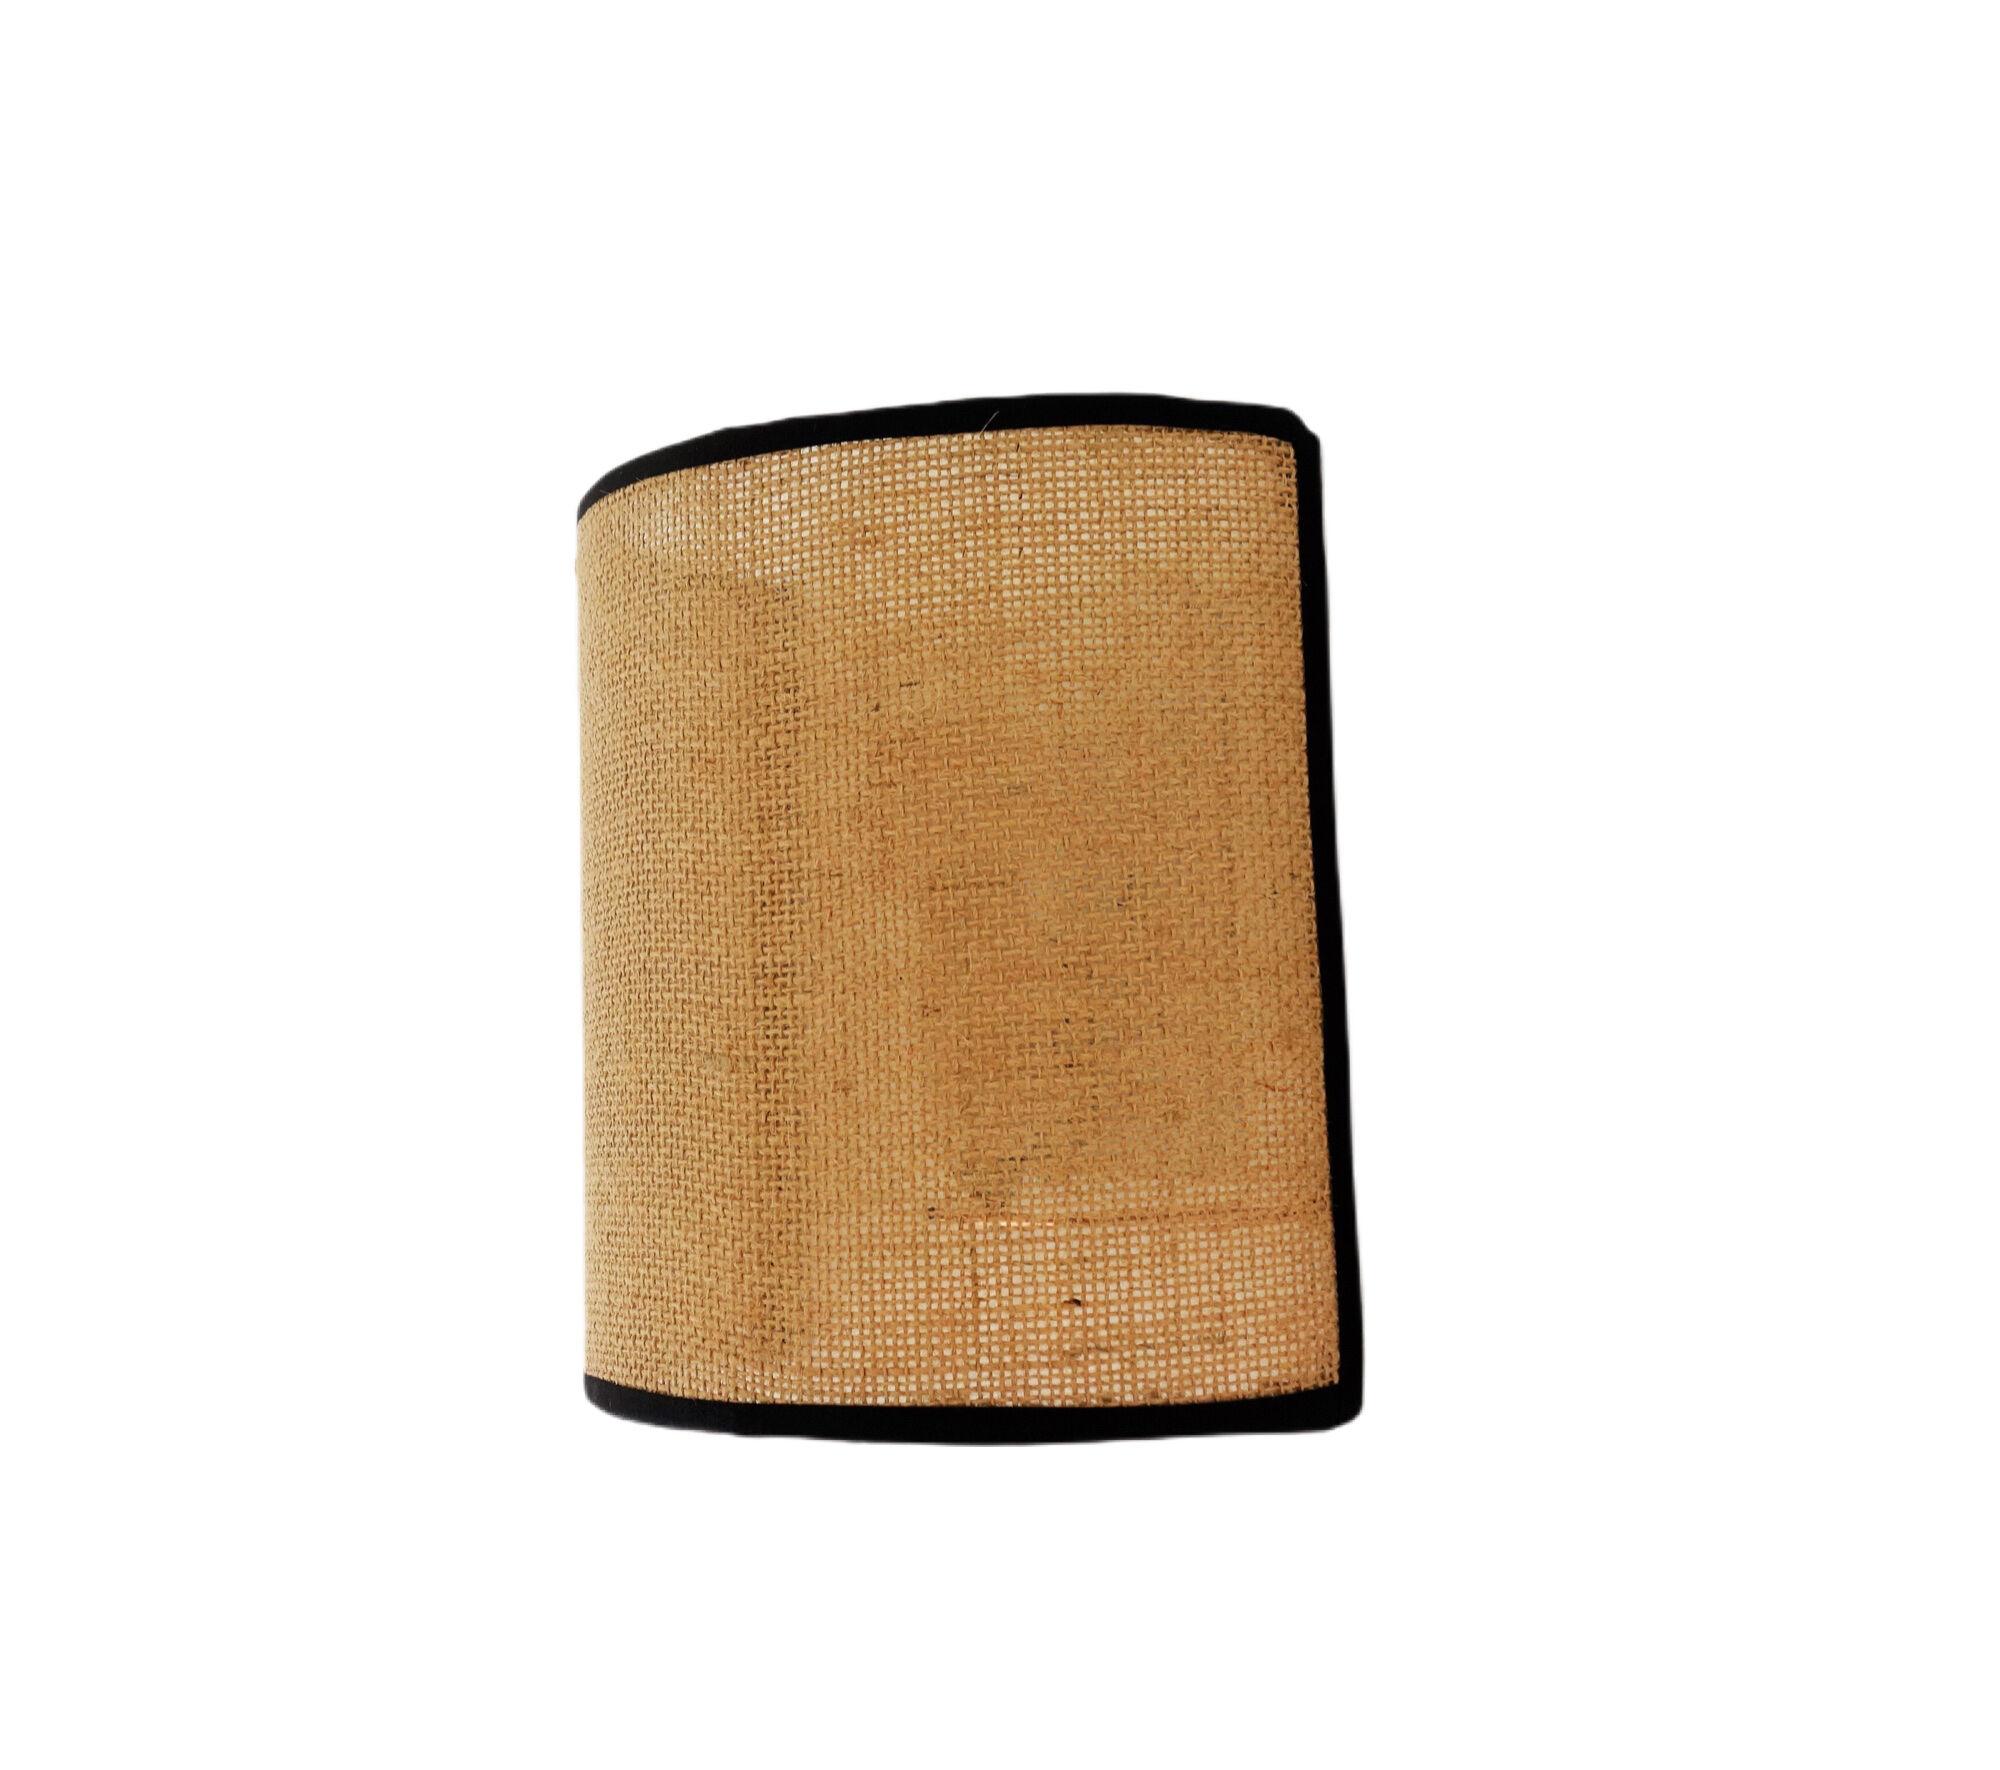 Belamp Applique en toile de jute bordure noire - 30*30 cm